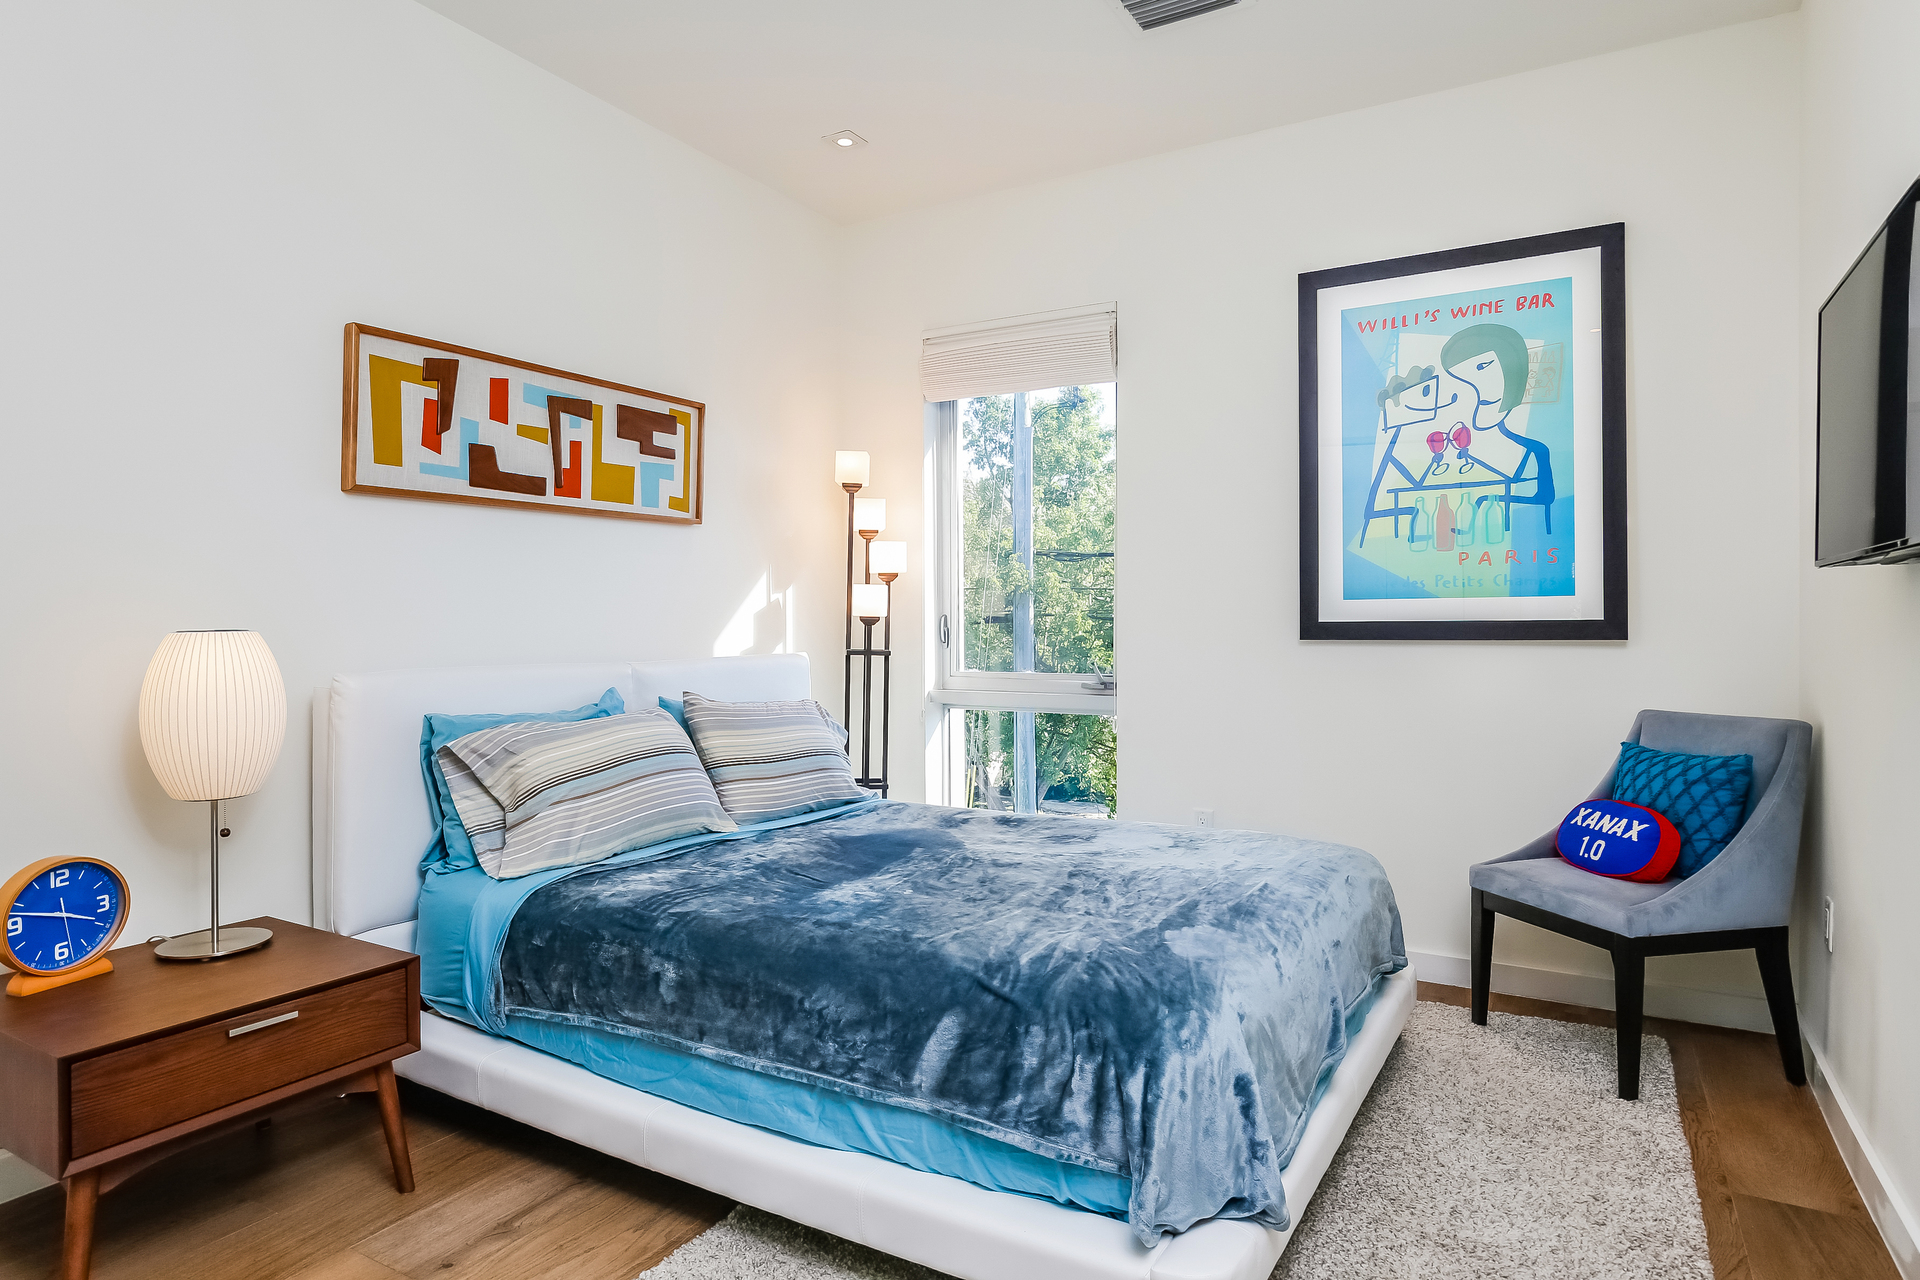 023-Bedroom-5037897-medium